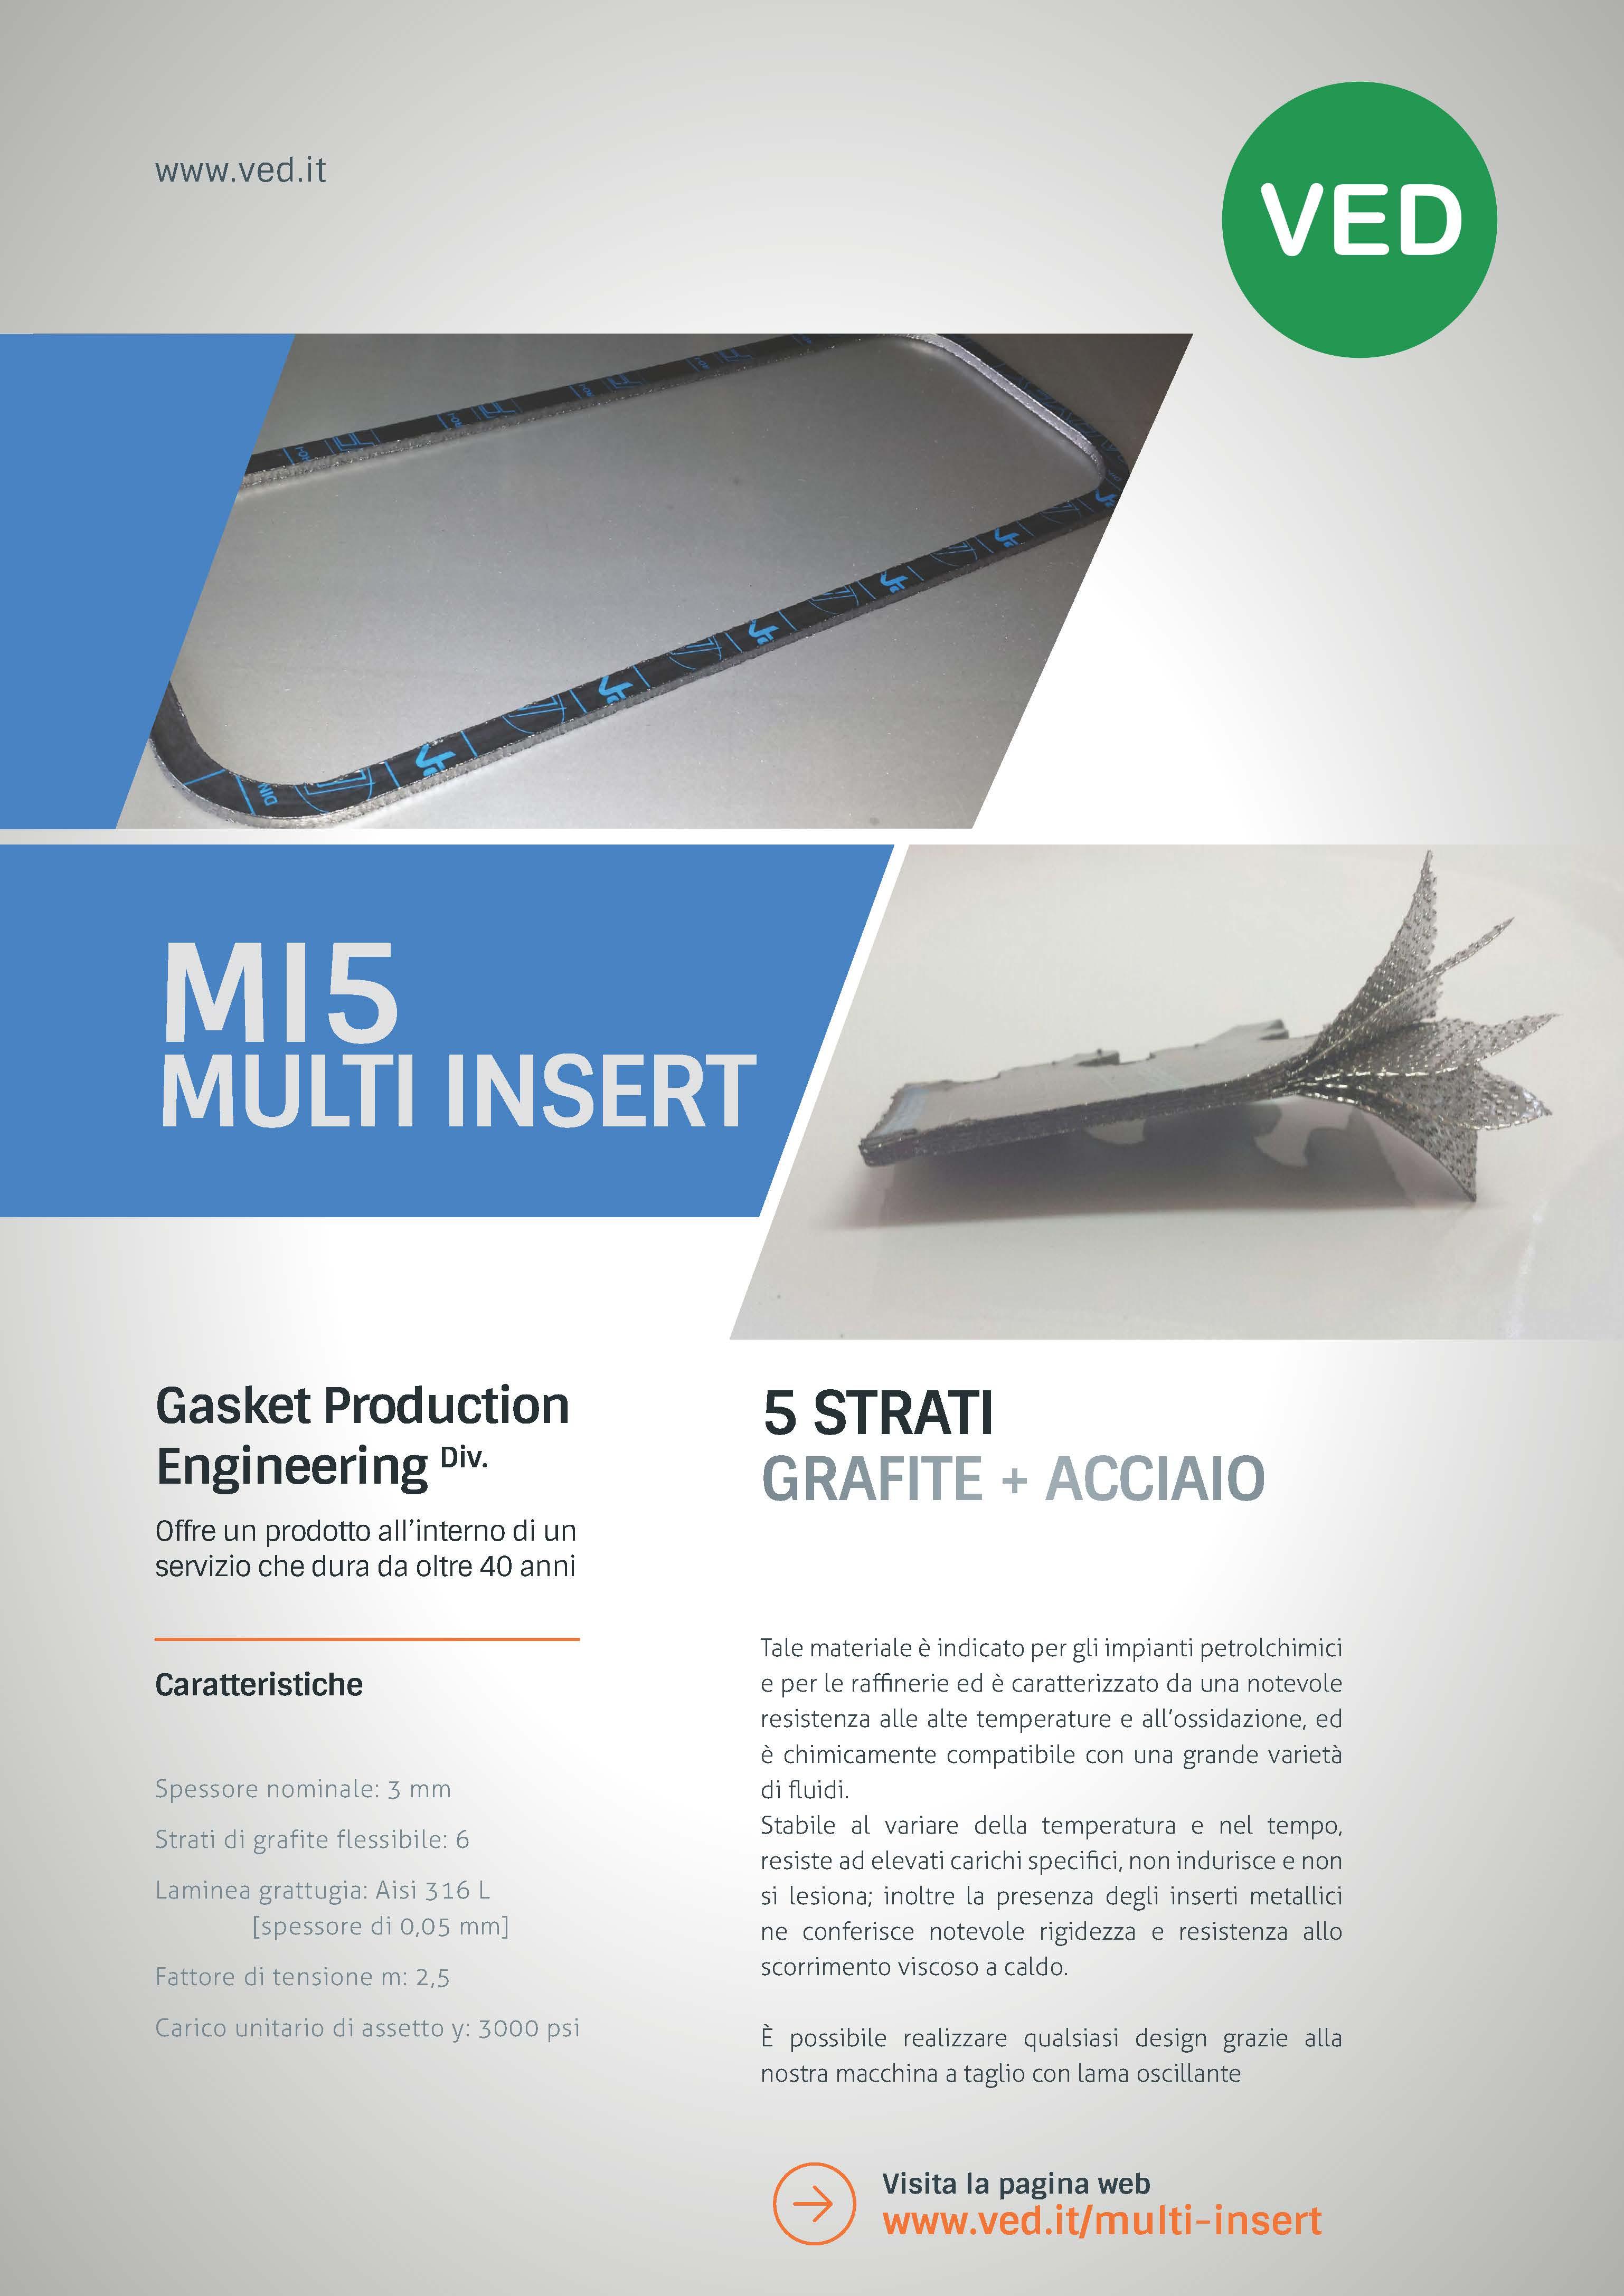 Scheda MI5_Multi_Insert_2015_VED